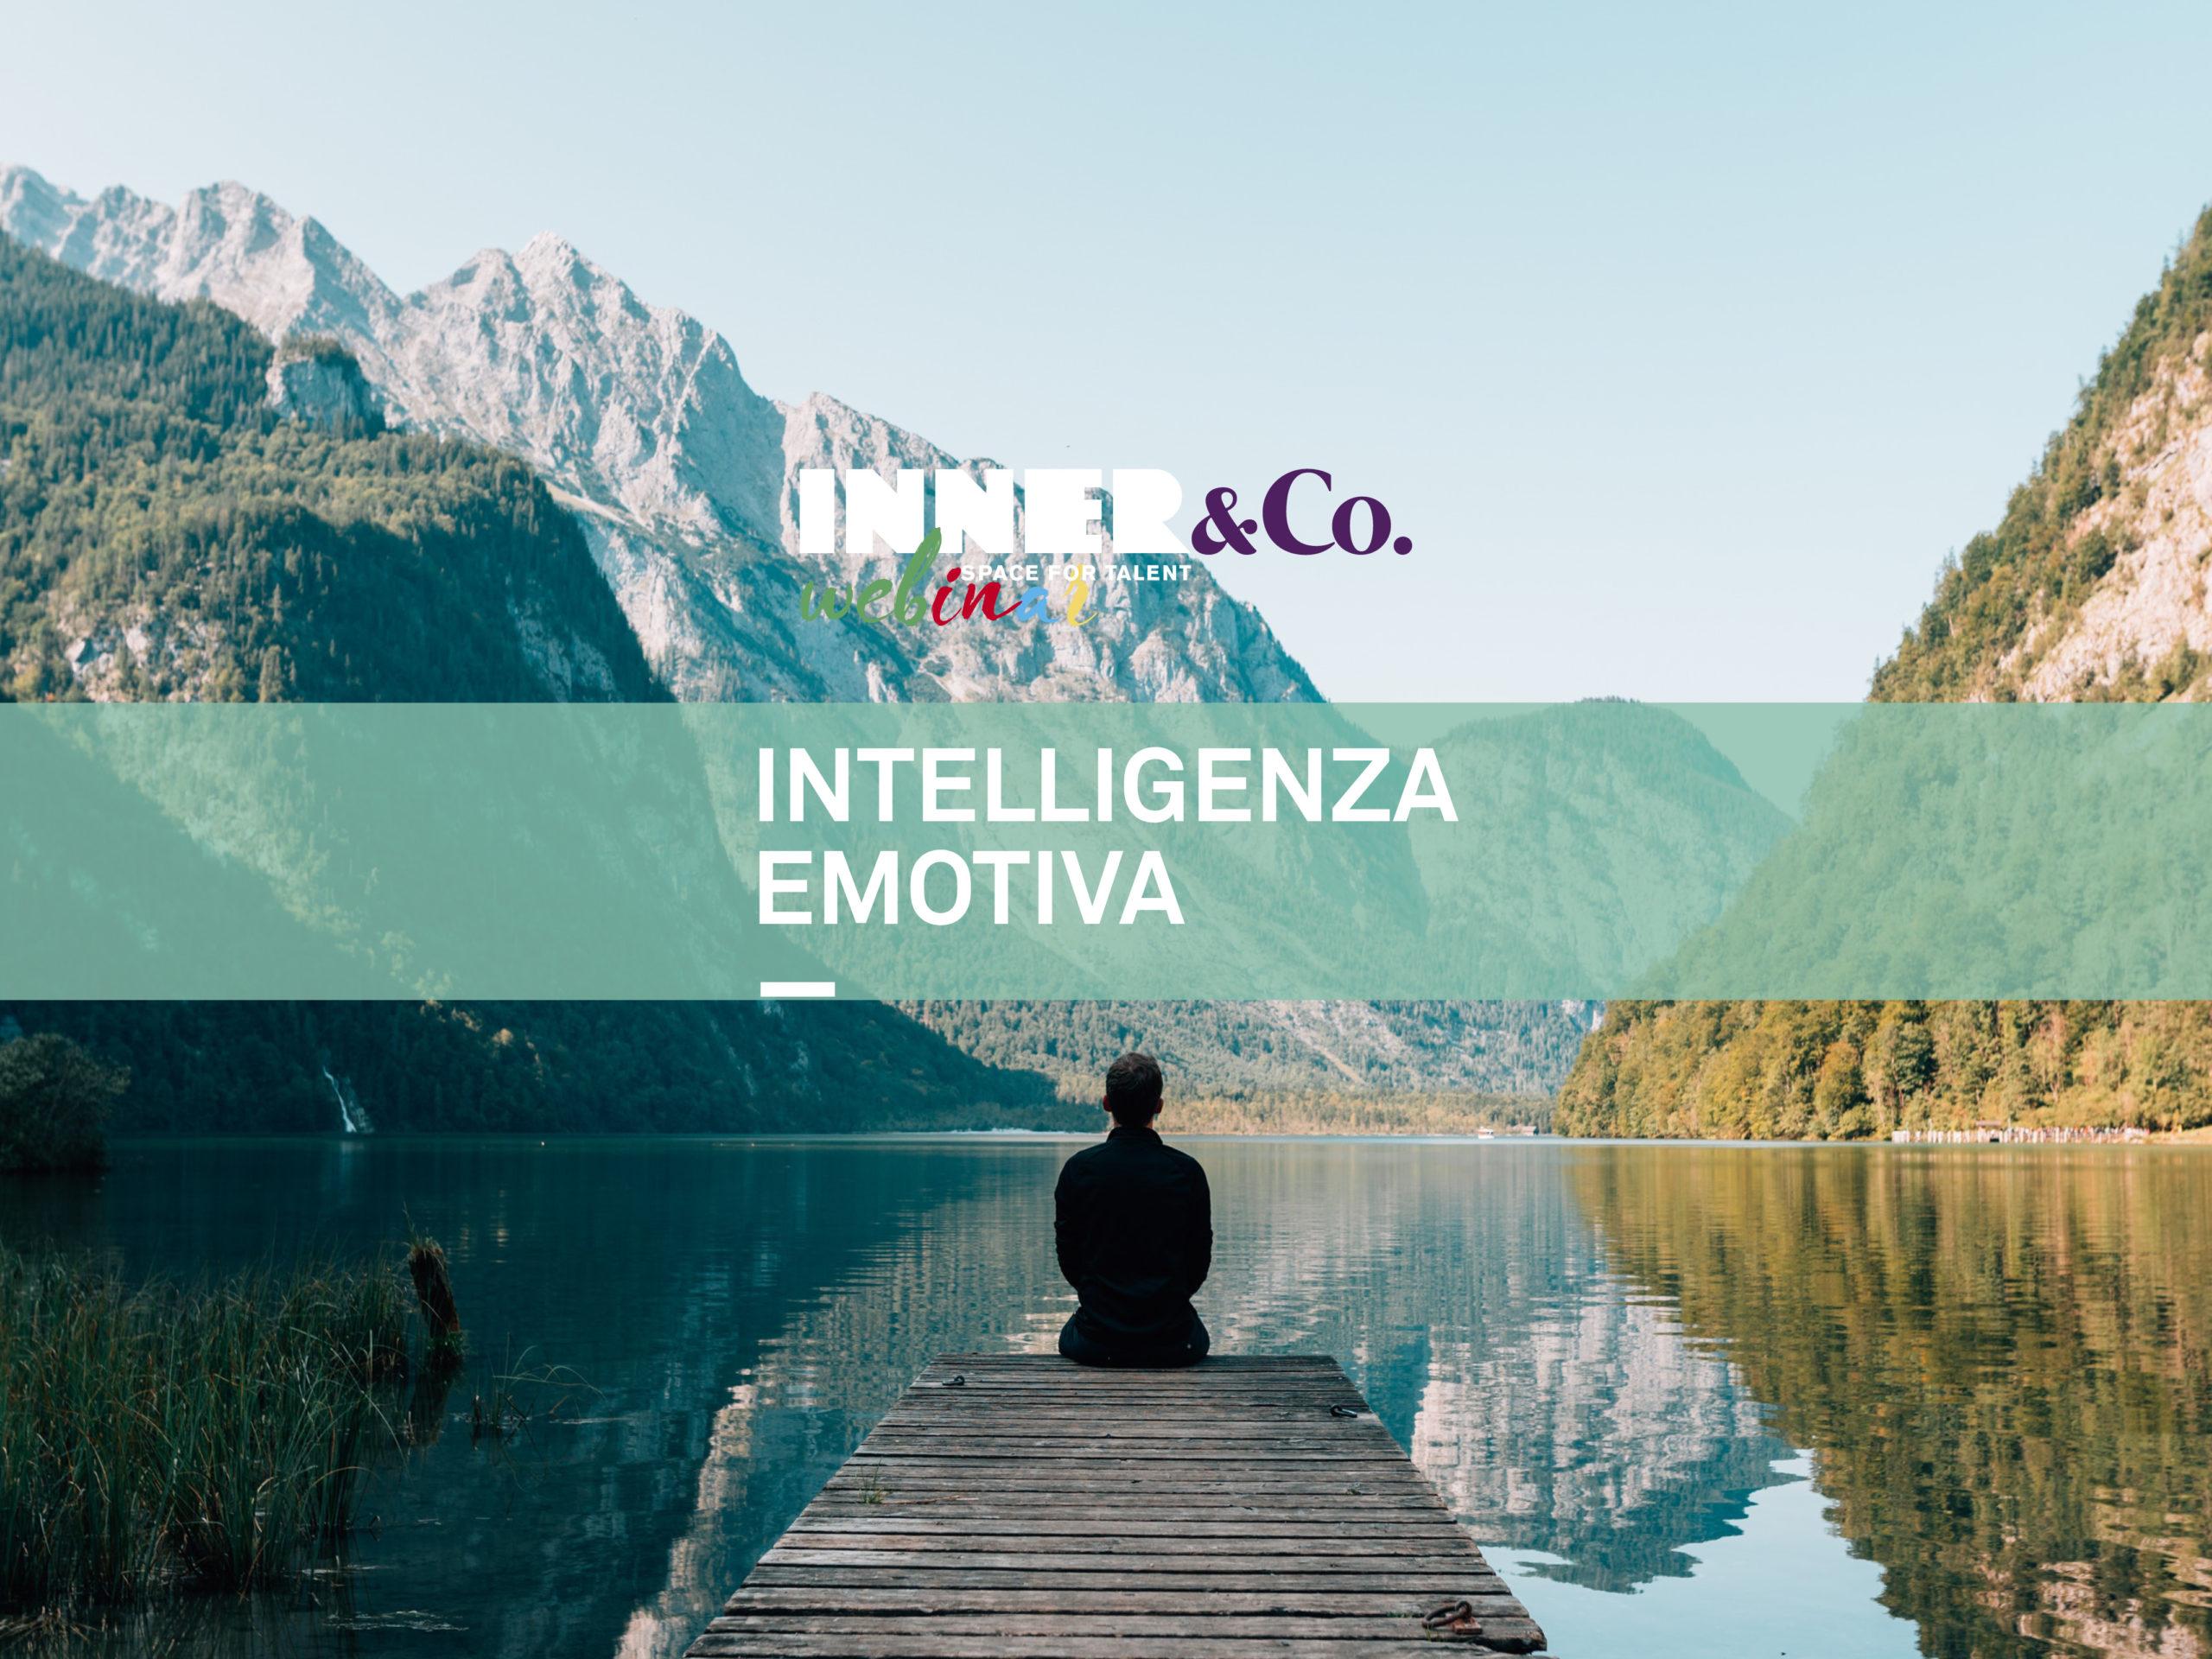 webinar gratuito sull'intelligenza emotiva per gestire le emozioni